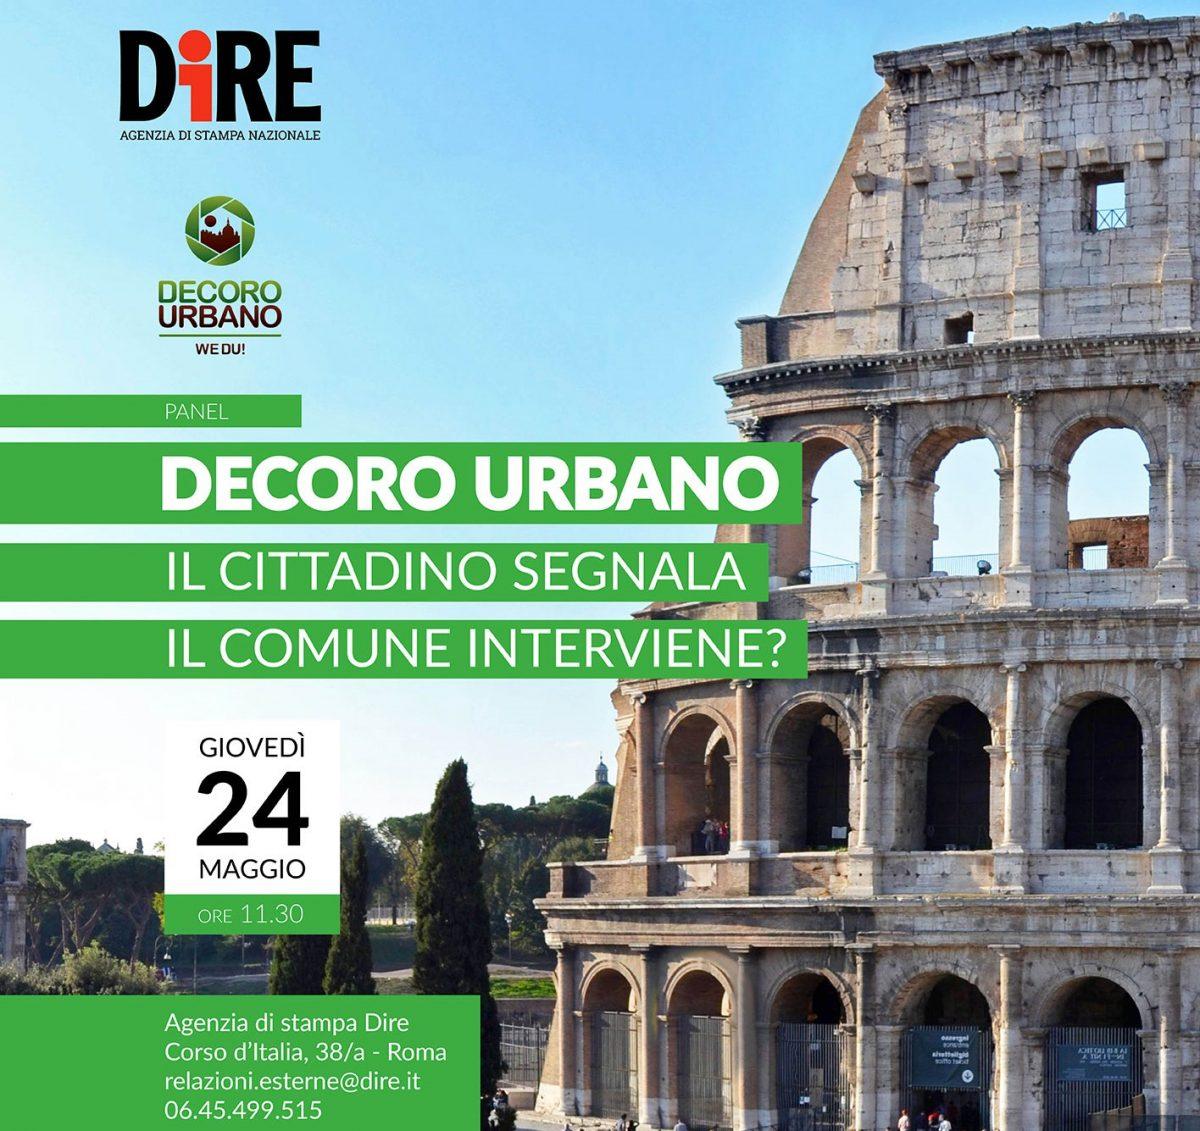 Ambiente il 24 maggio a roma la presentazione del for Ufficio decoro urbano roma